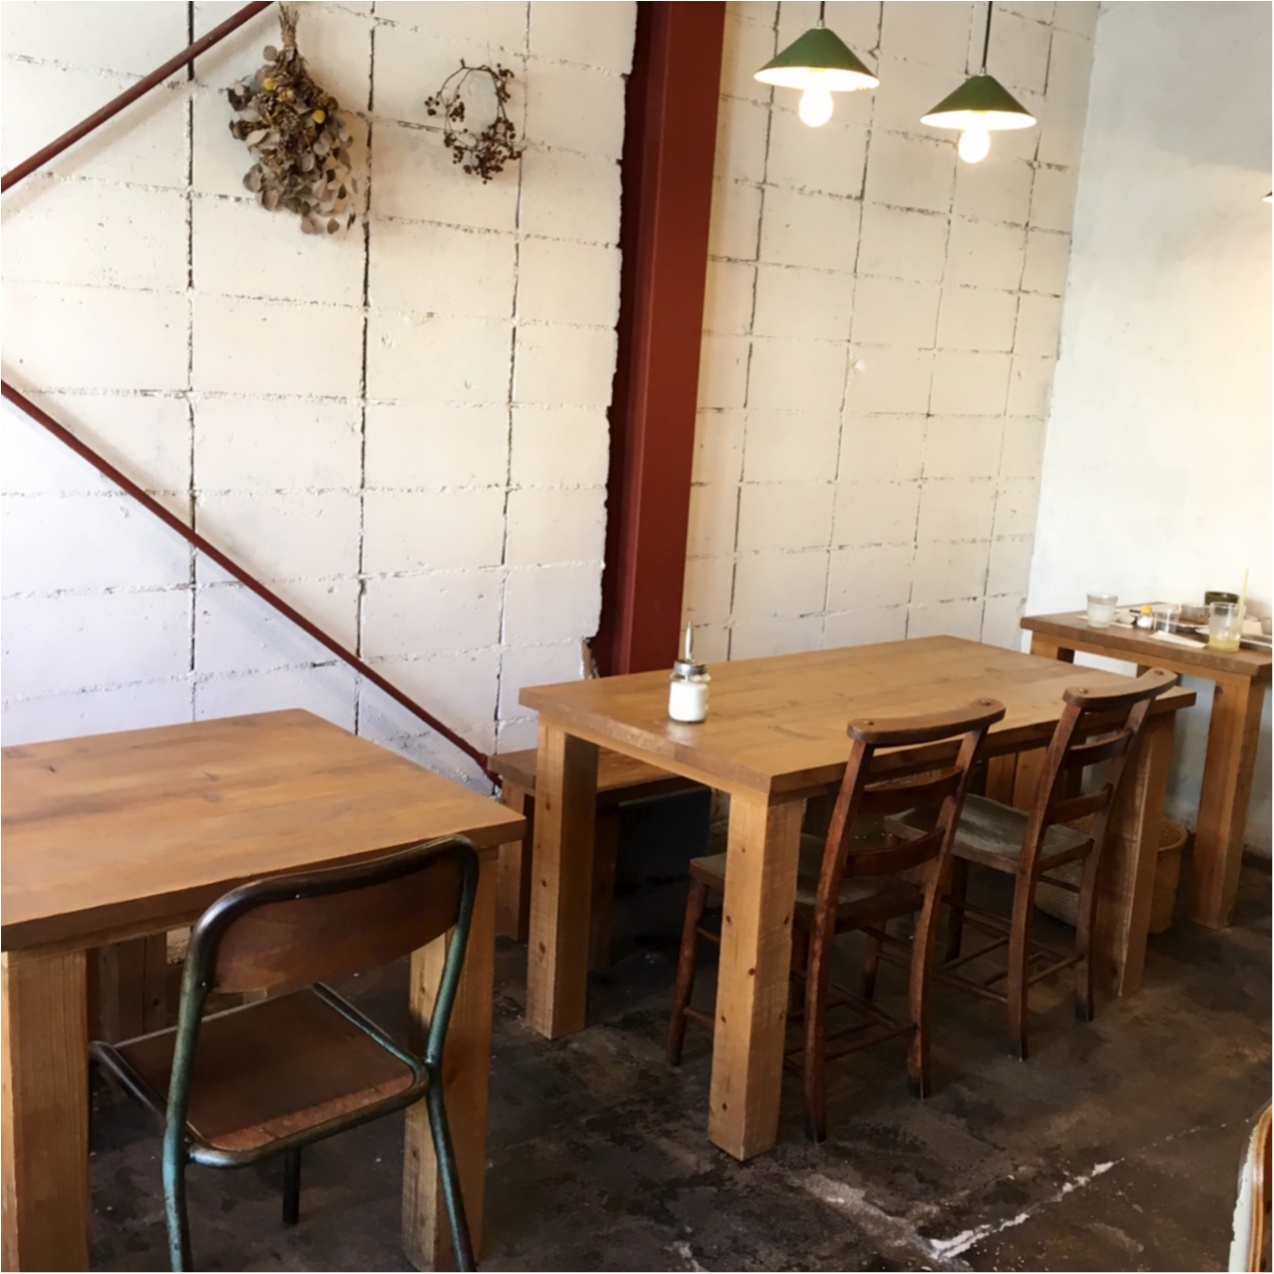 おすすめの喫茶店・カフェ特集 - 東京のレトロな喫茶店4選など、全国のフォトジェニックなカフェまとめ_26